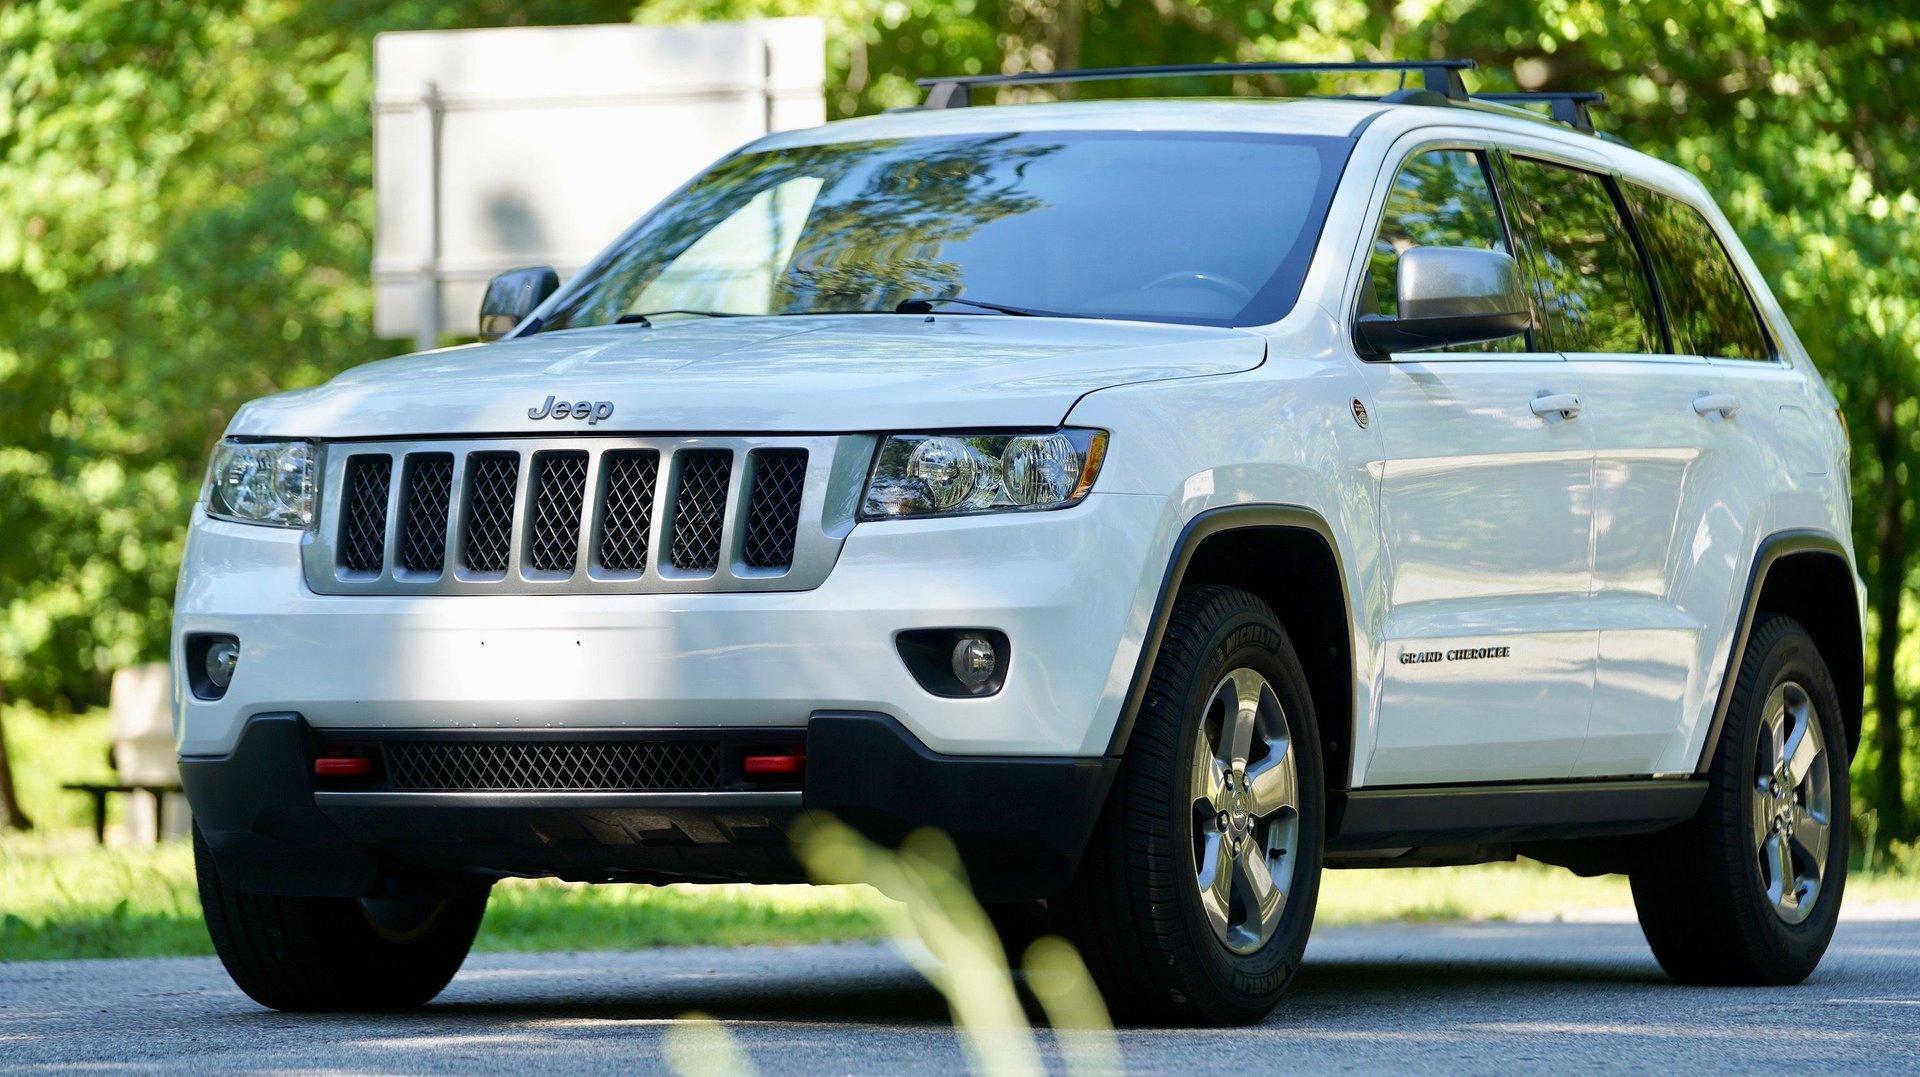 2013 jeep grand cherokee trail hawk